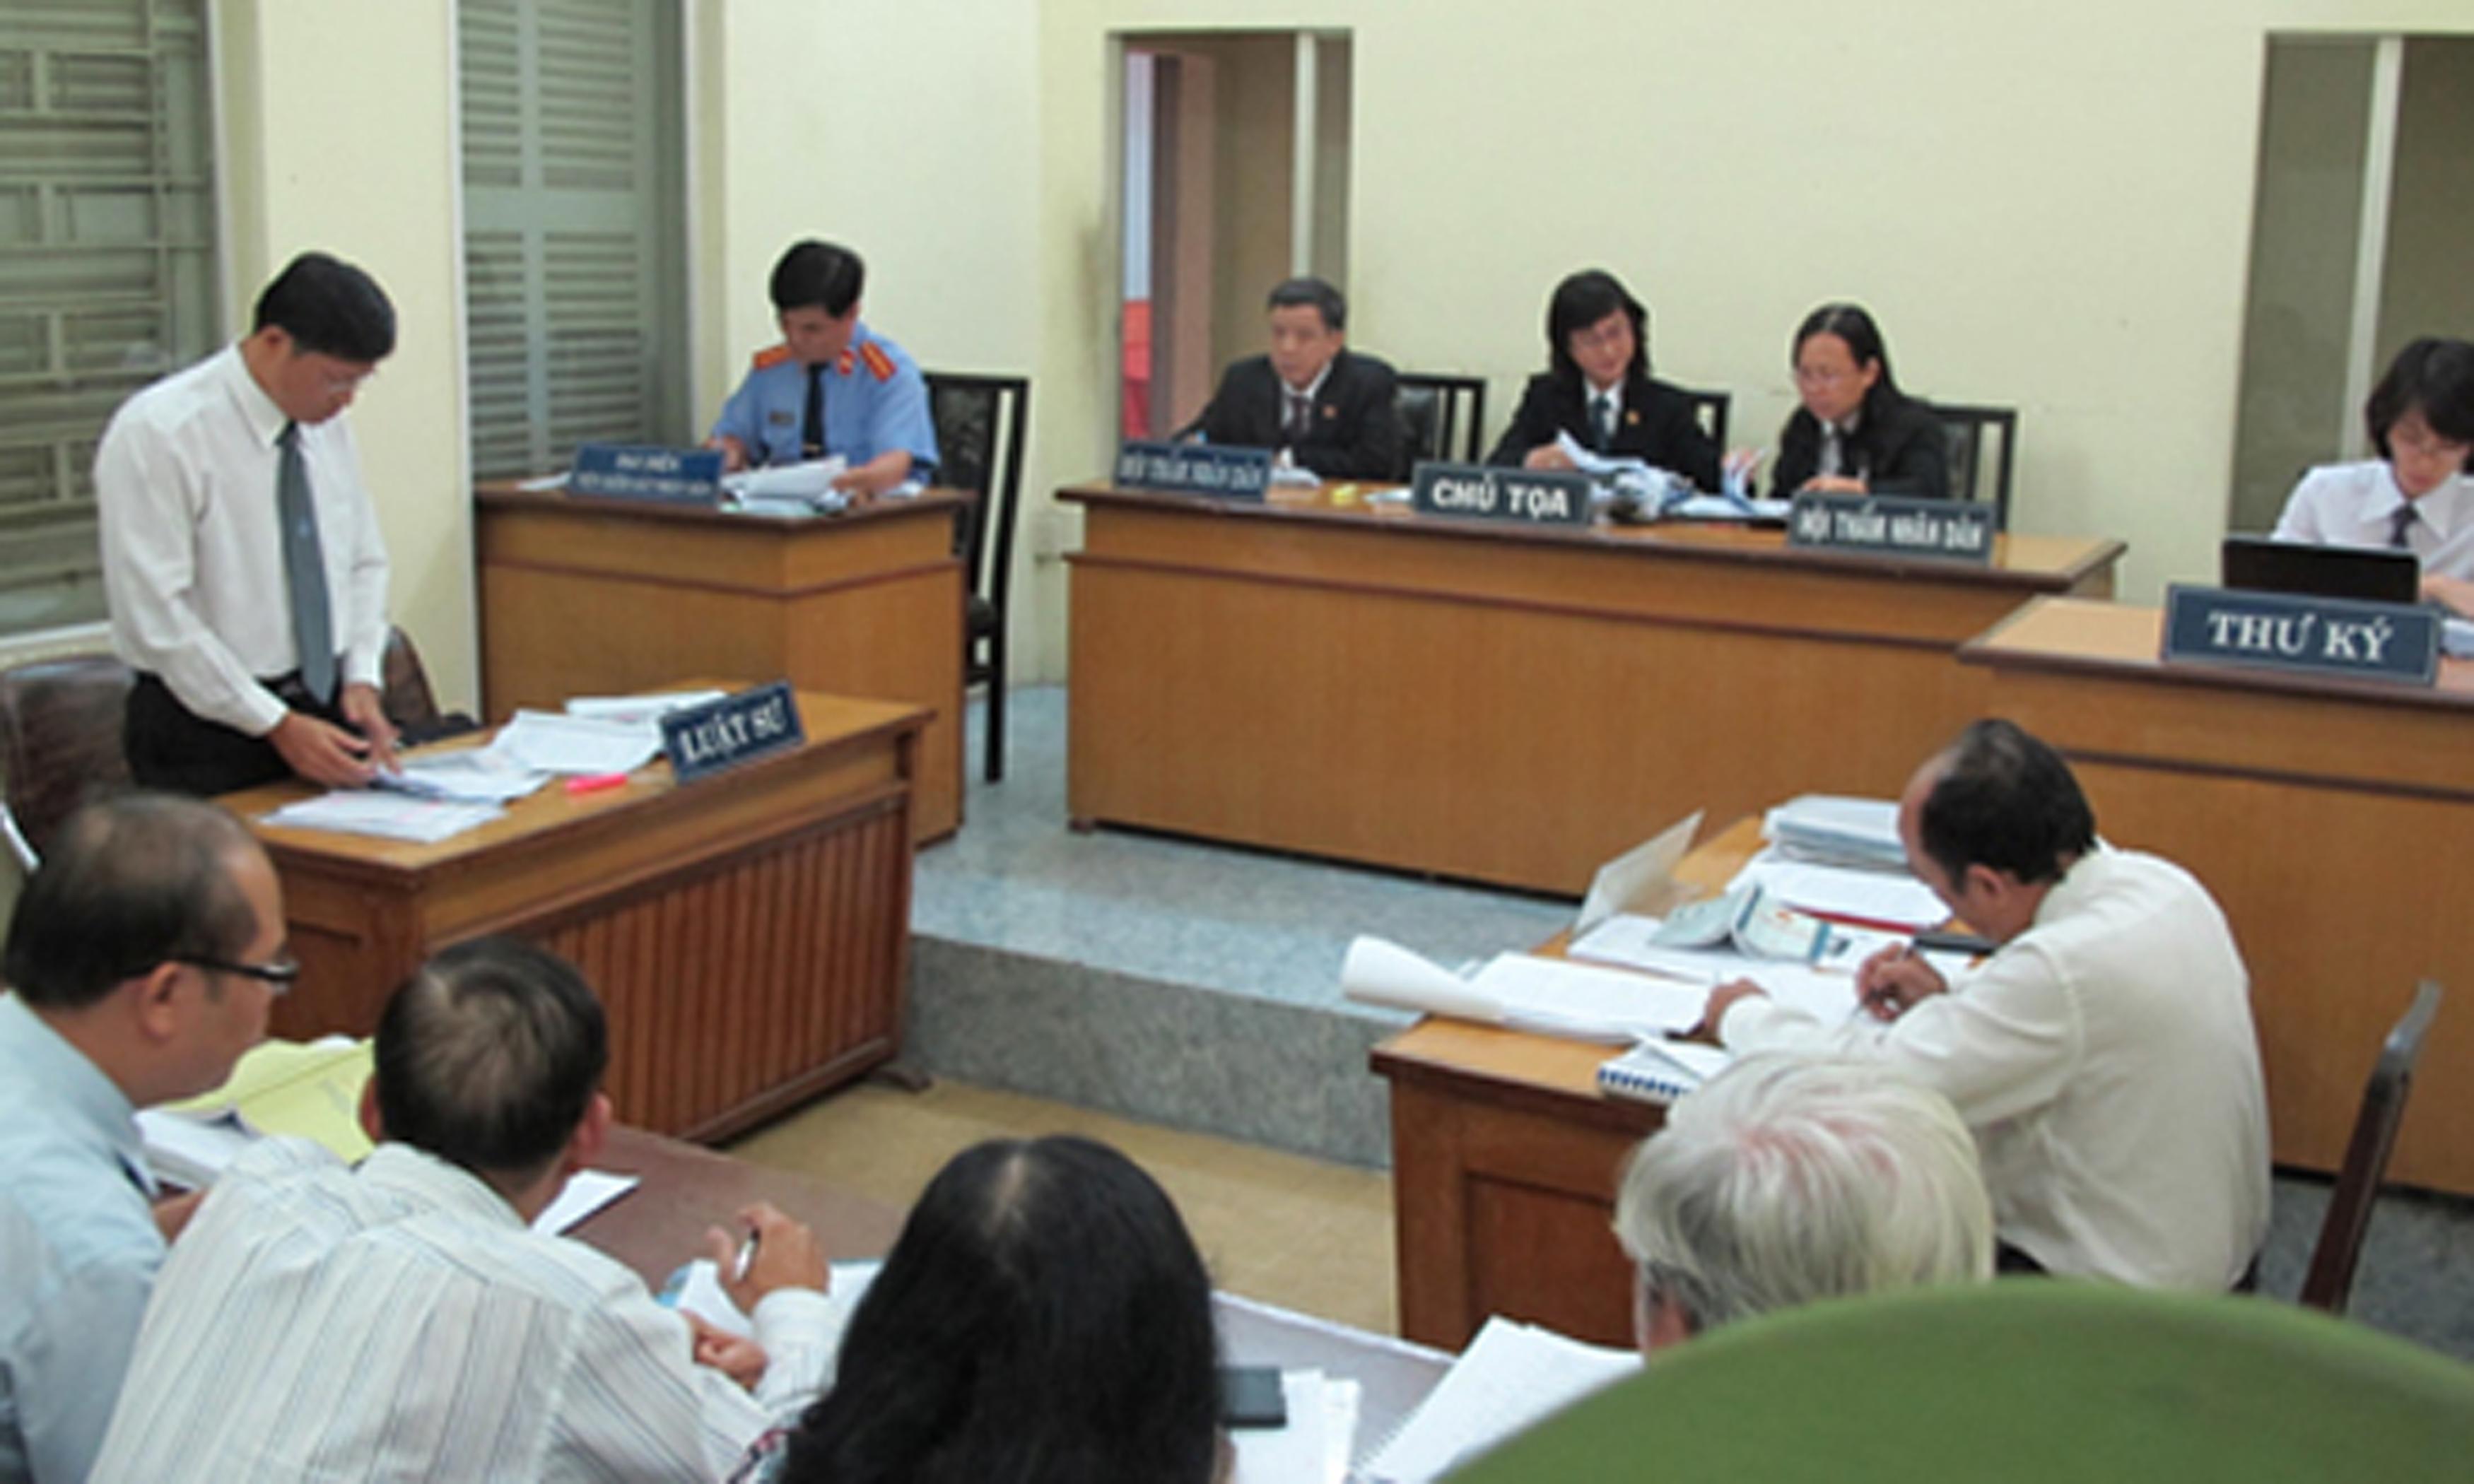 Xem xét lại quyết định hành chính, hành vi hành chính tại Tòa án của cơ quan hải quan